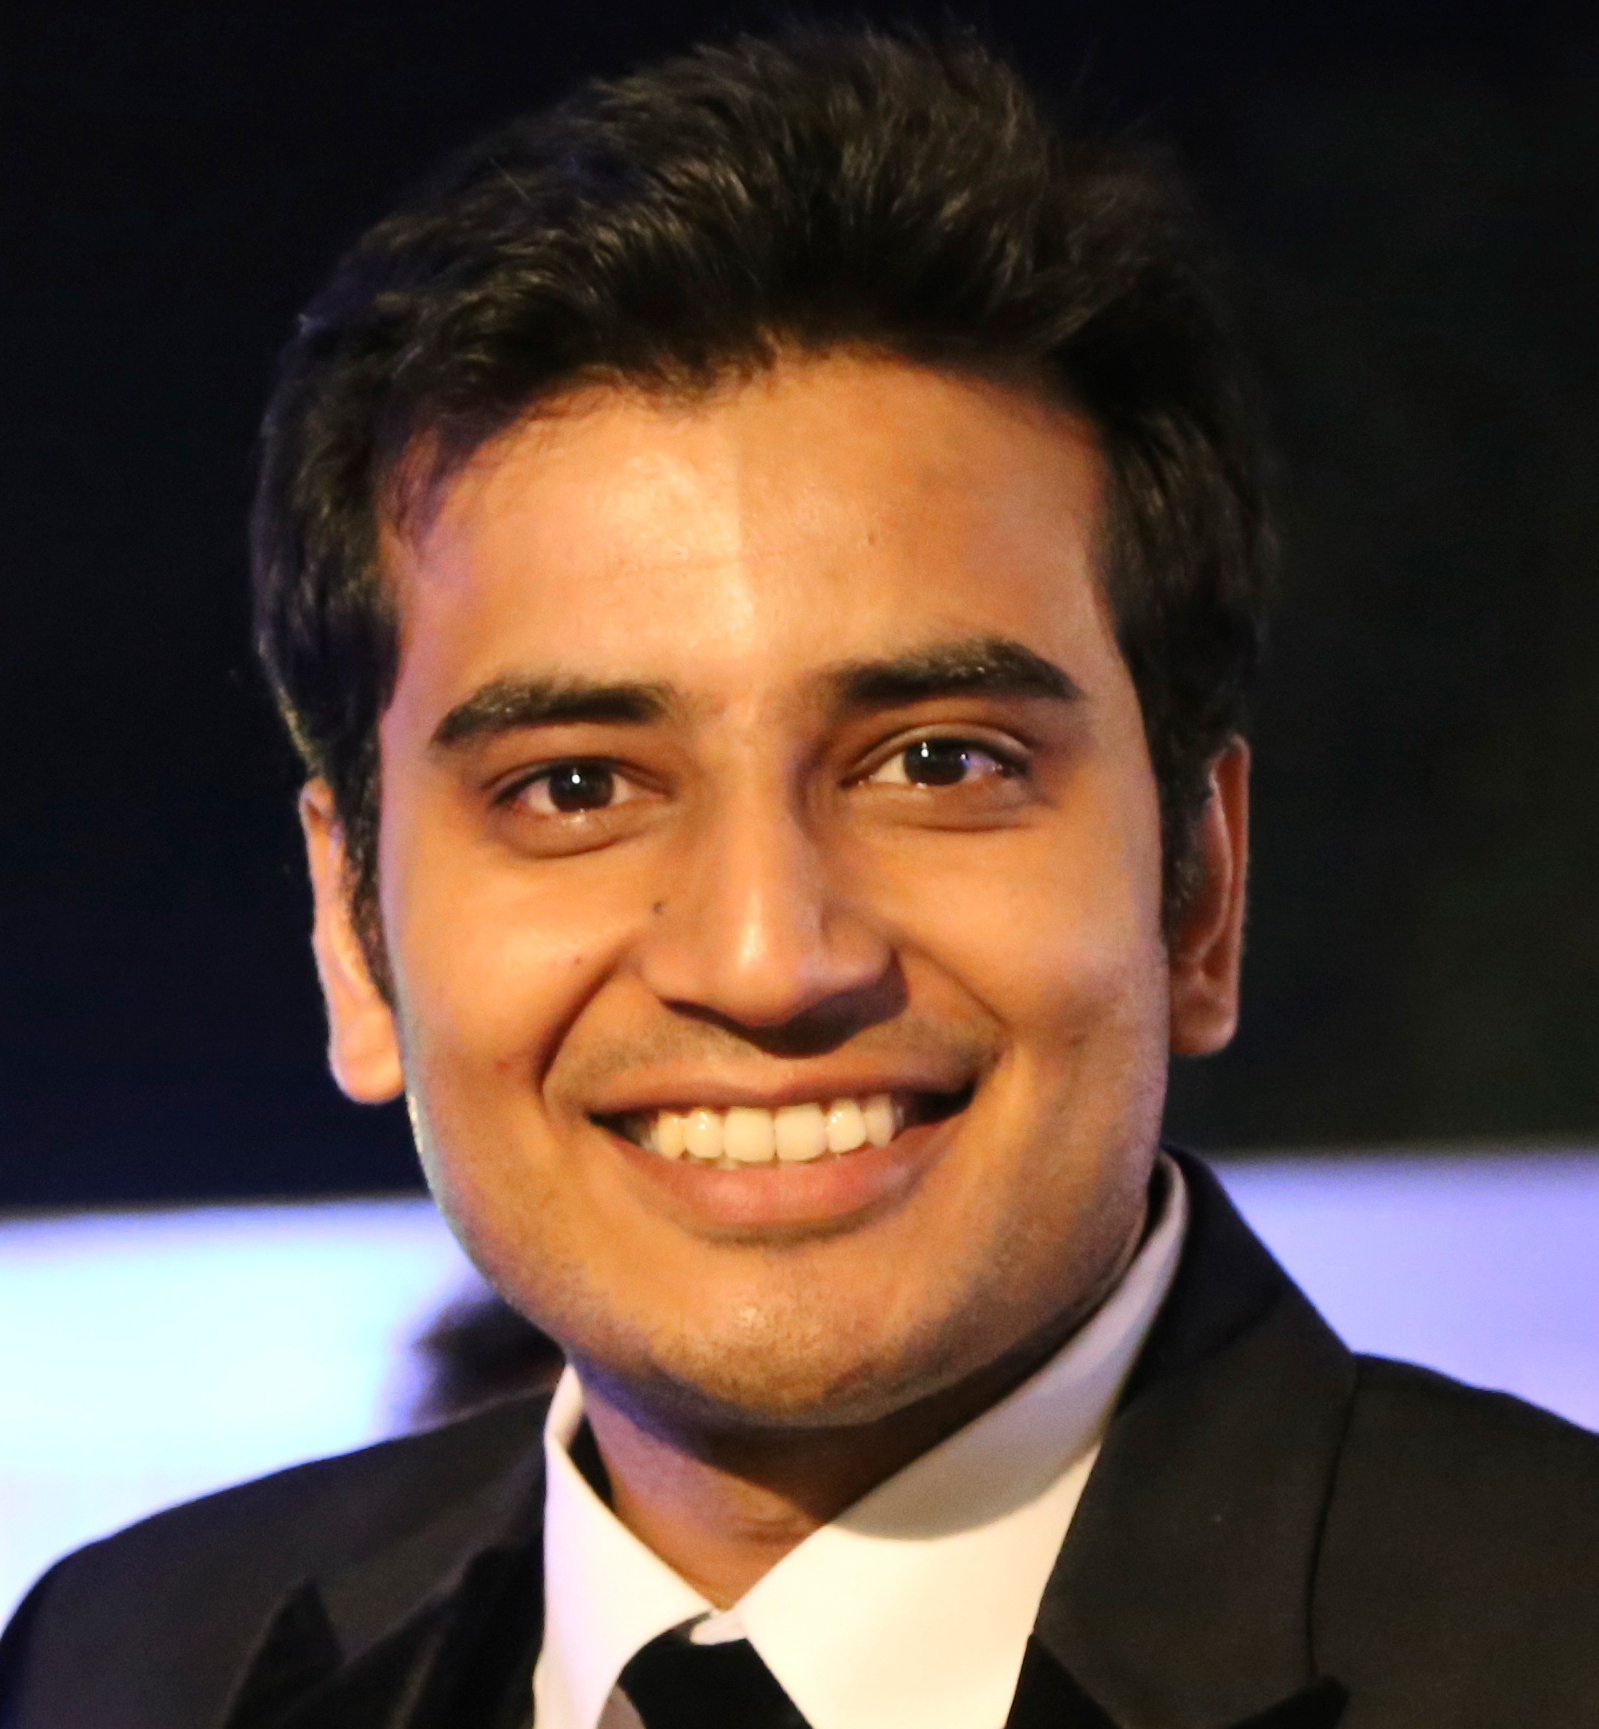 Swapnil Khandelwal